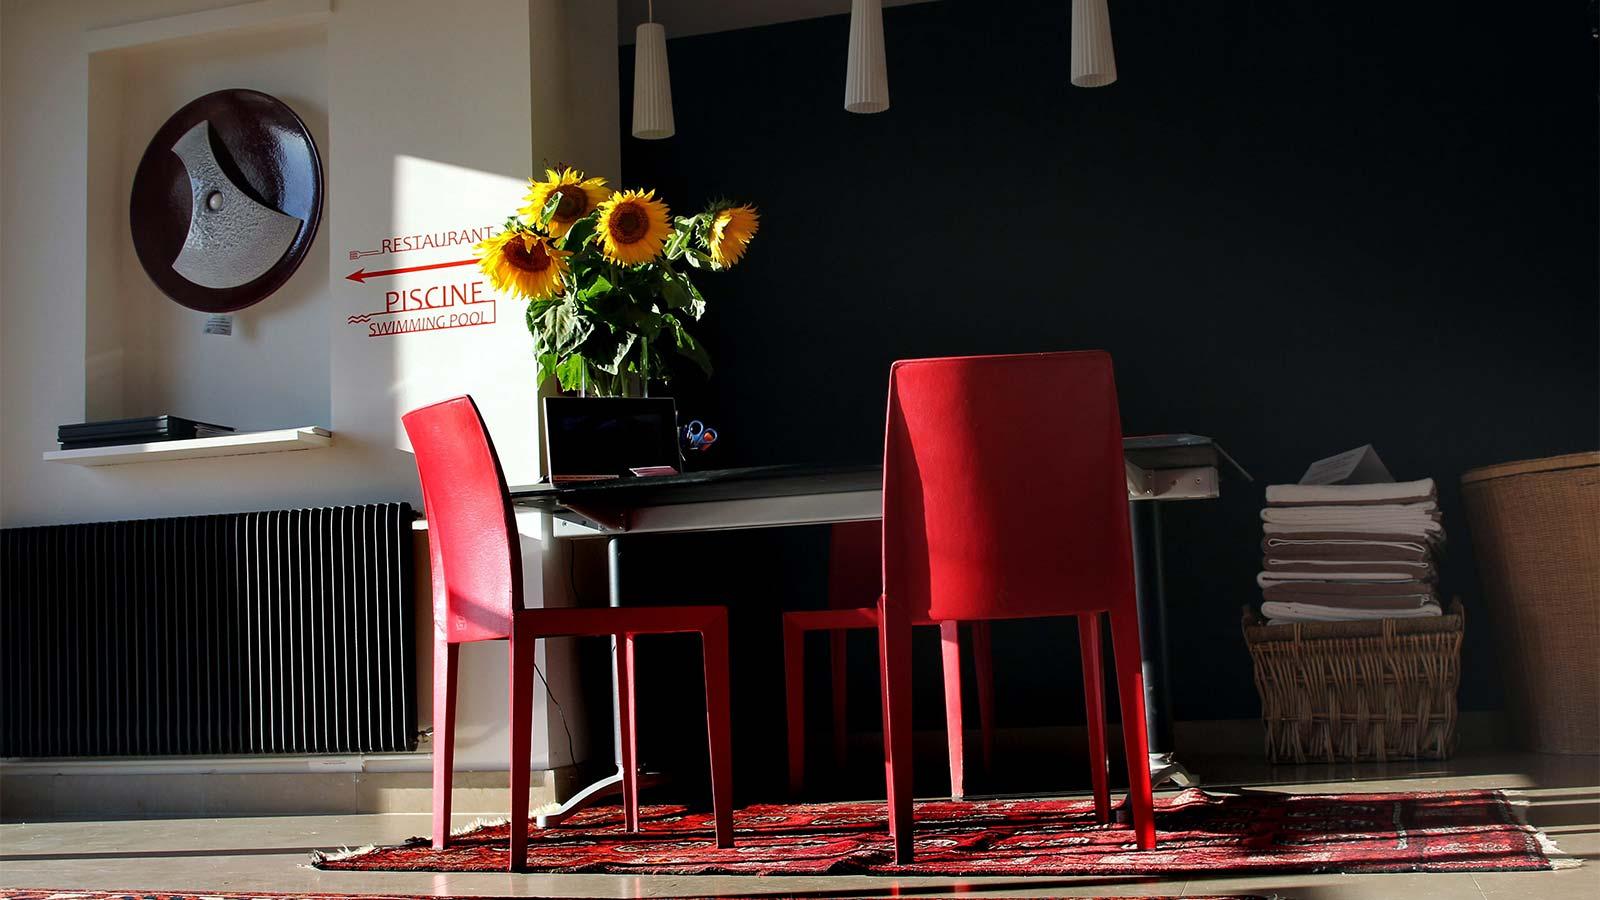 Hall d'accueil de l'hôtel restaurant La Montagne de Brancion entre Tournus et Cluny